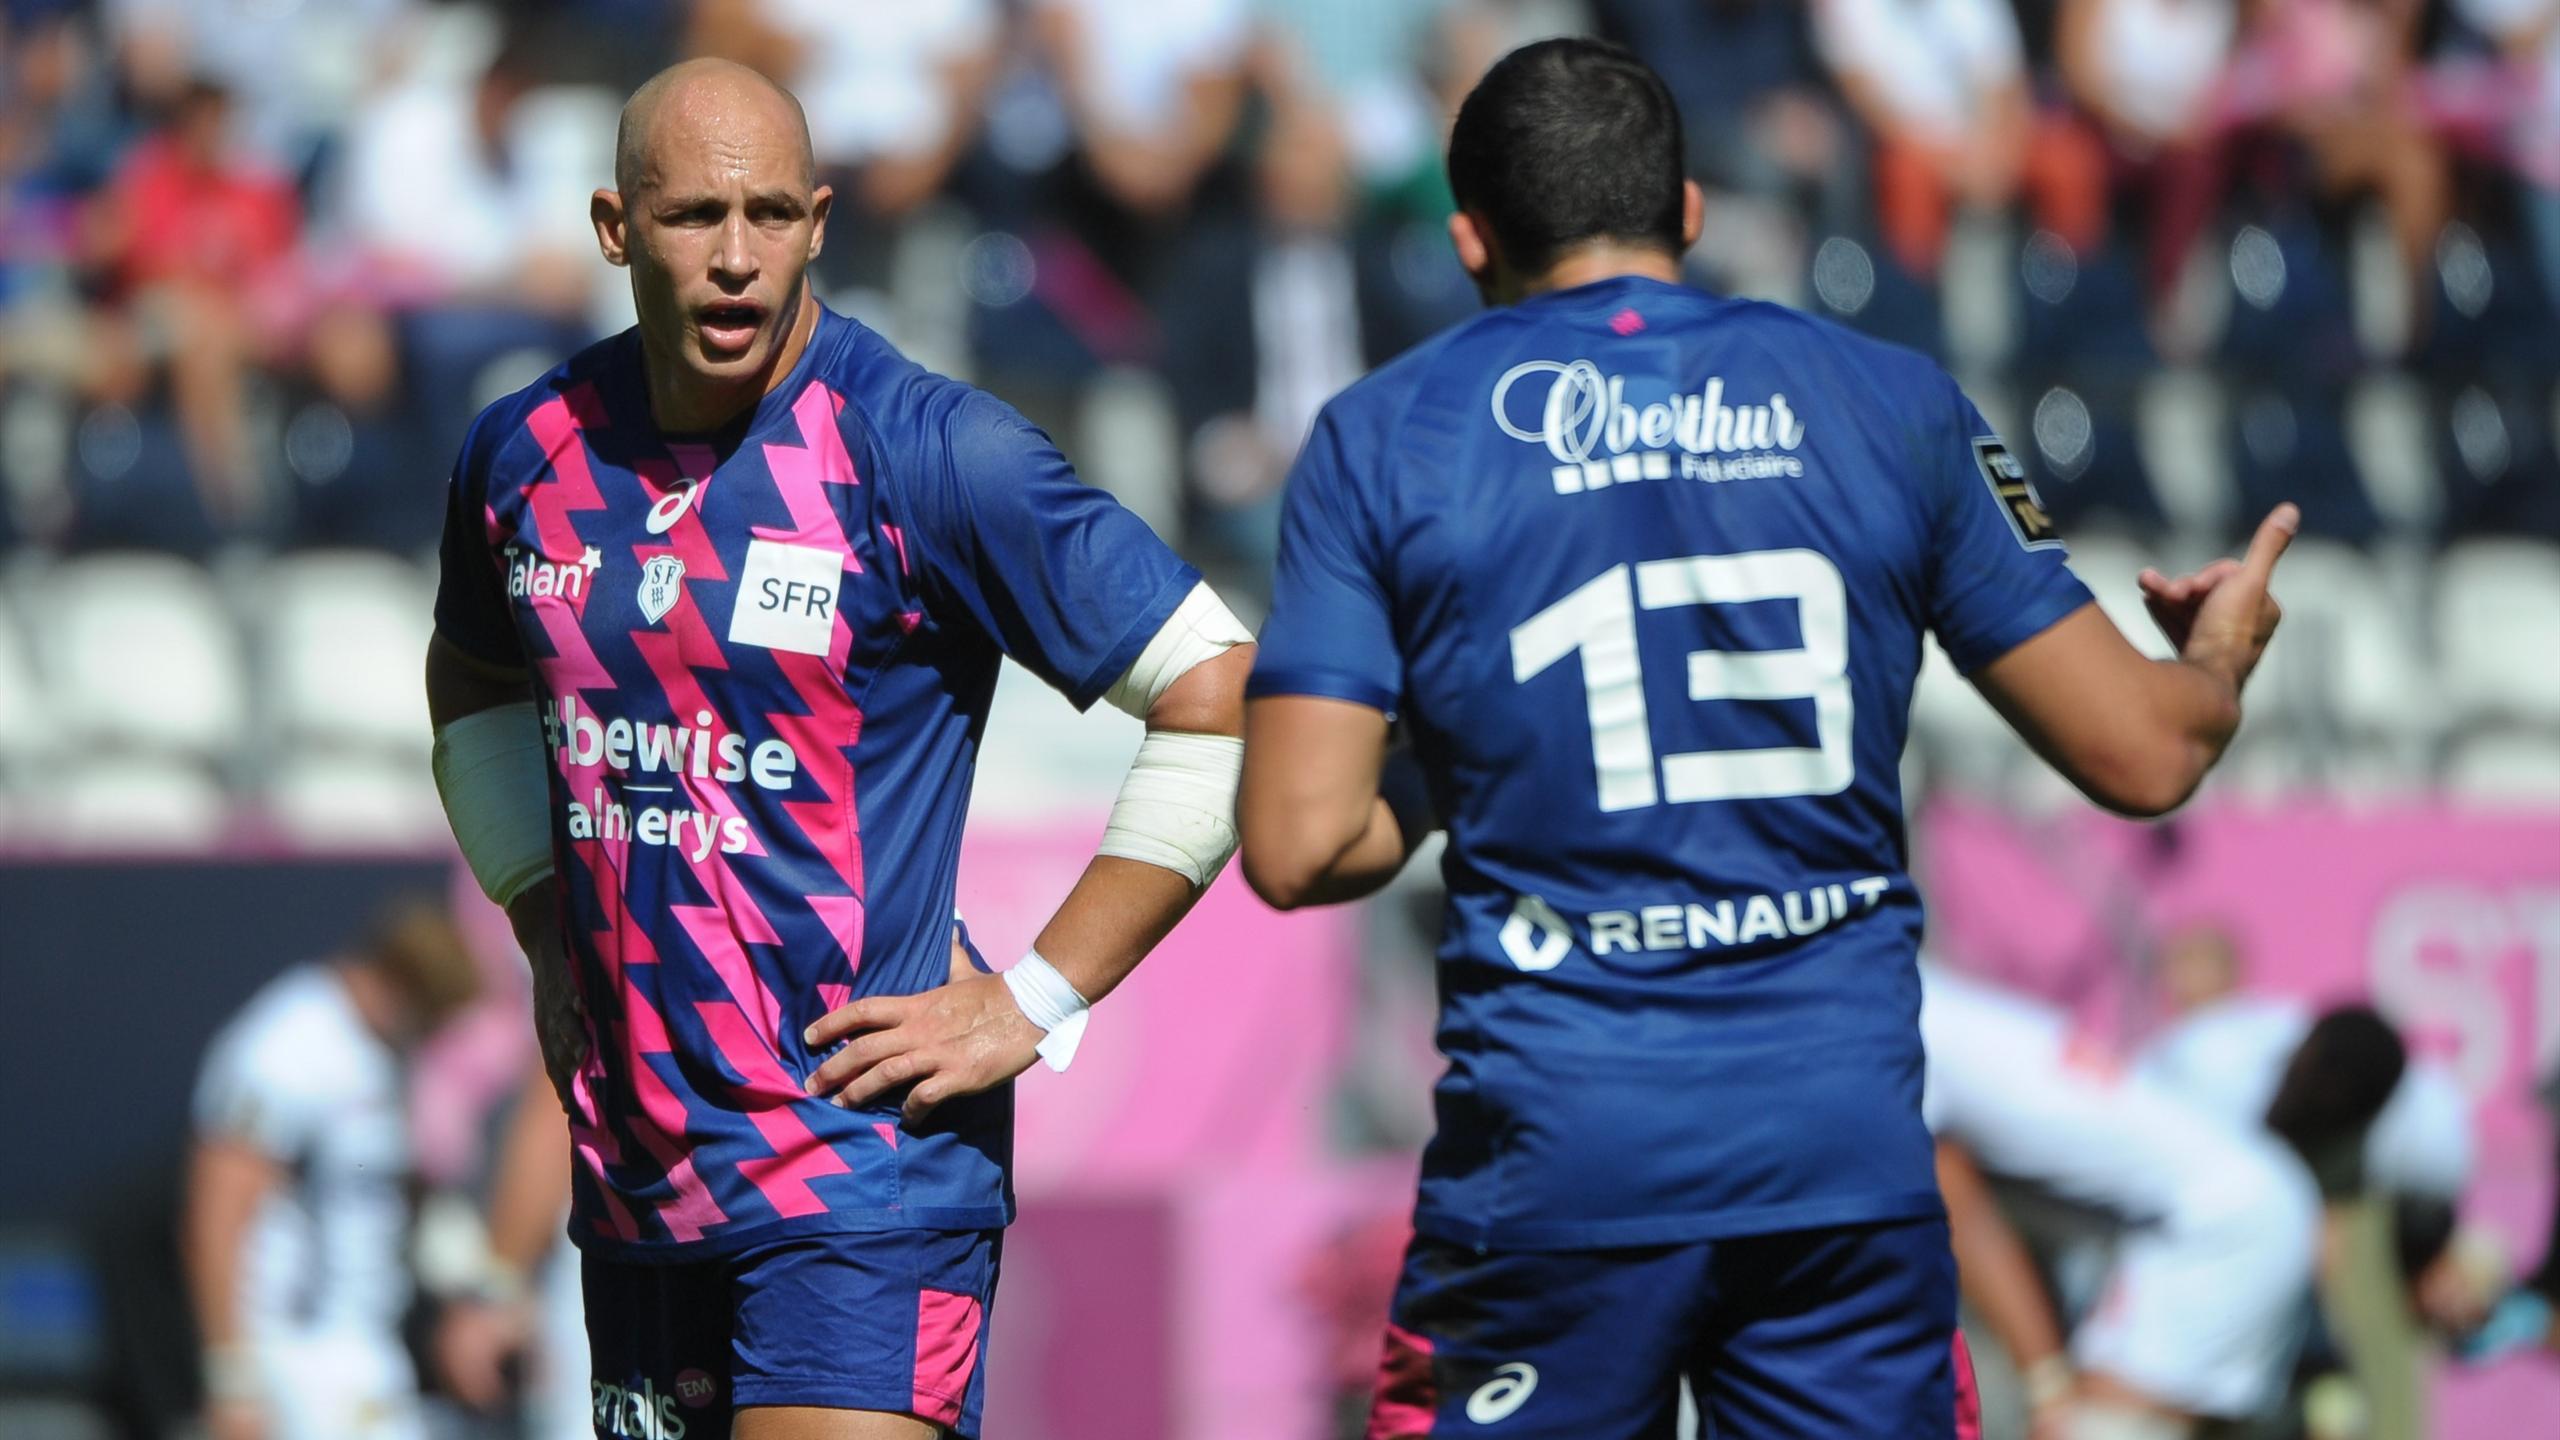 Sergio Parisse et Geoffrey Doumayrou (Stade français) - 3 septembre 2016